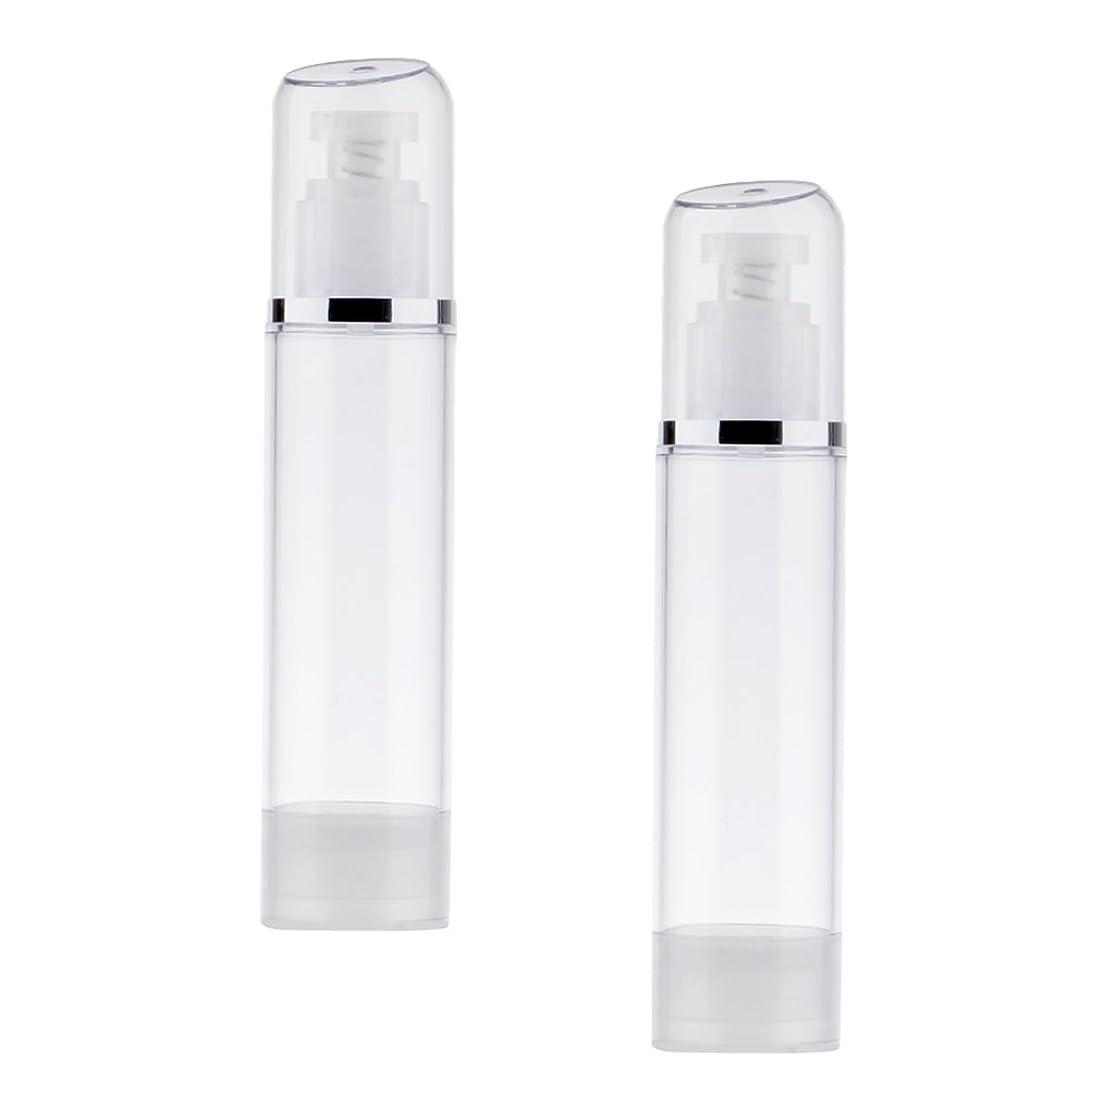 リスト方法ウガンダKesoto 2個 空ボトル ポンプボトル エアレス ポンプディスペンサー ボトル プラスチック 100ml クリア